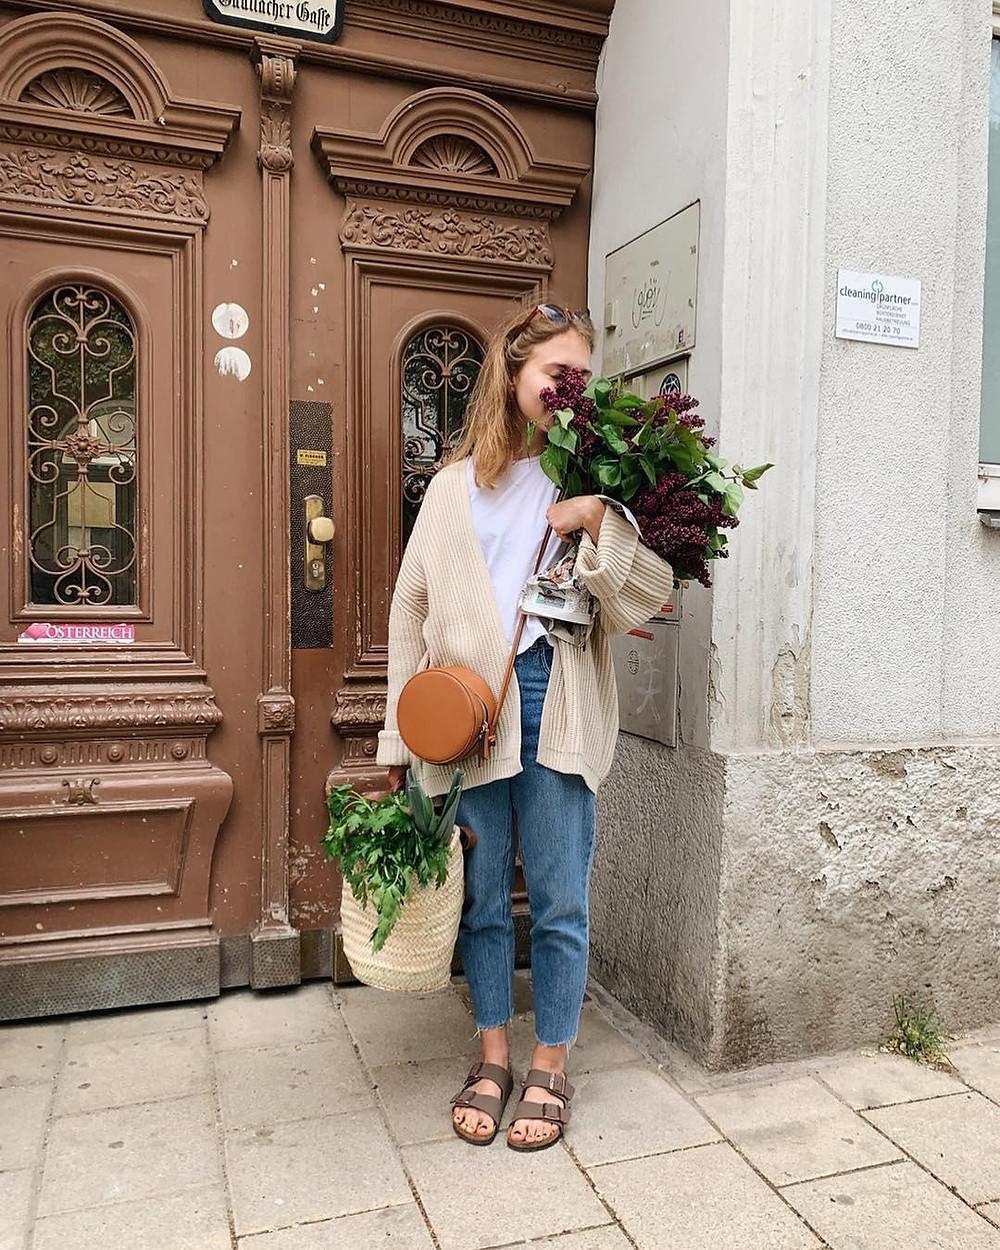 women wears birkenstock sandals while holding flowers